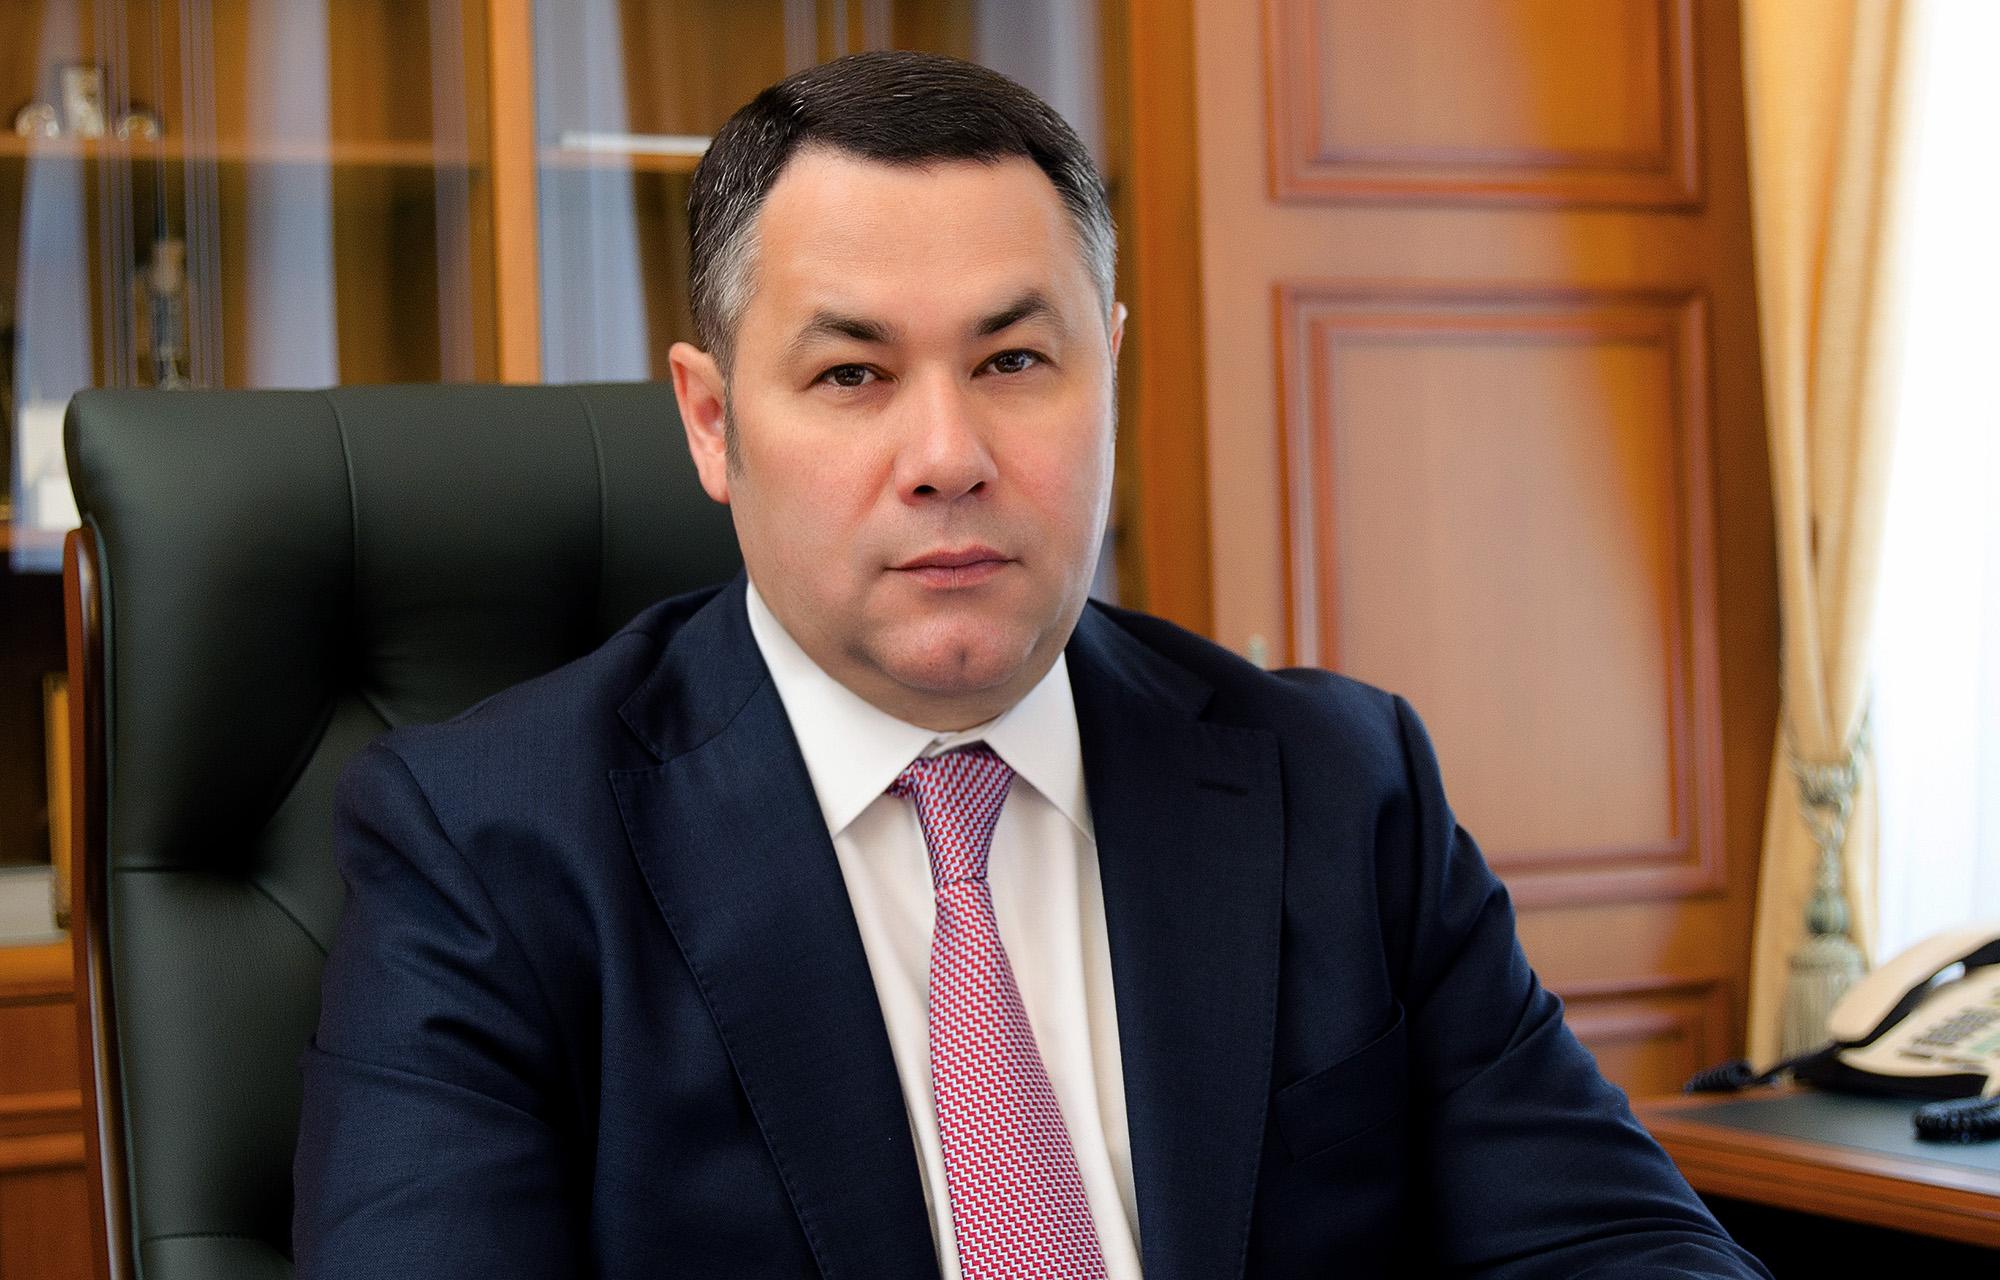 Игорь Руденя вошел в рейтинг «Губернаторская повестка» с заявлением об отсутствии ограничений для экономики Тверской области